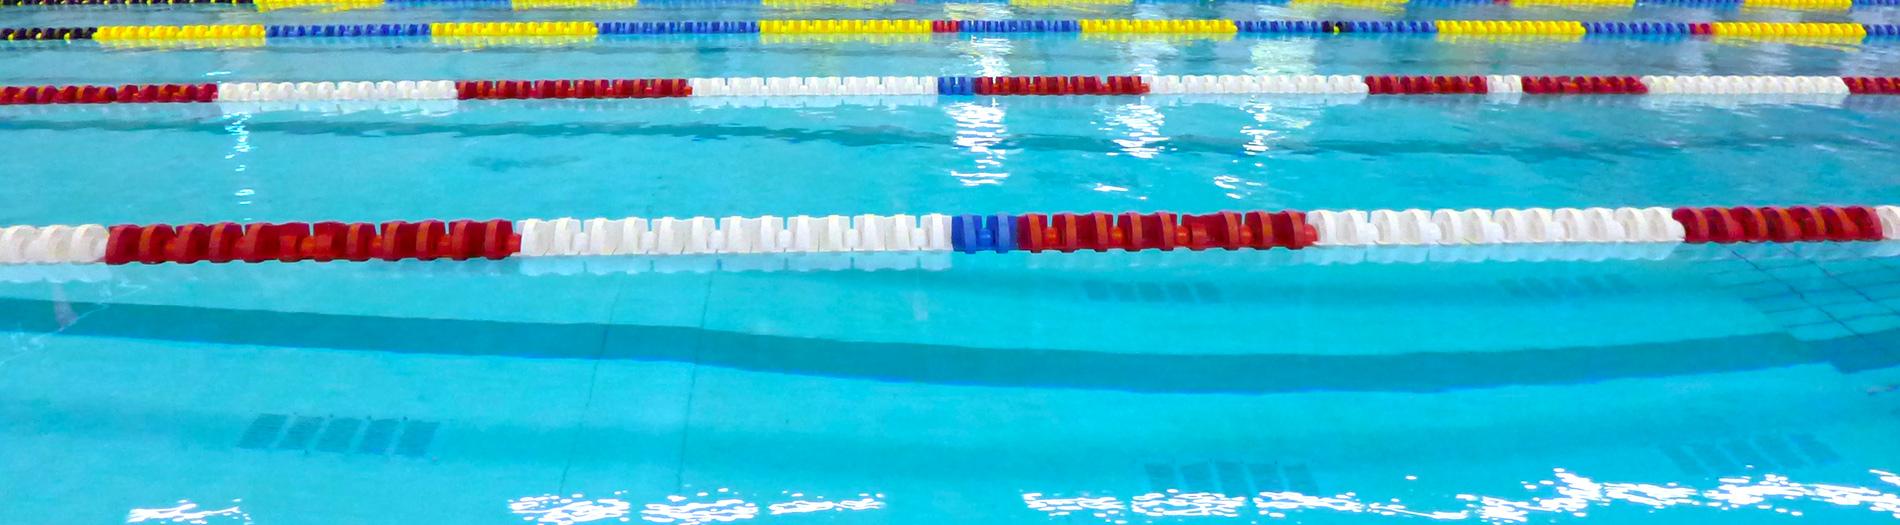 Batavia Swim Lelystad